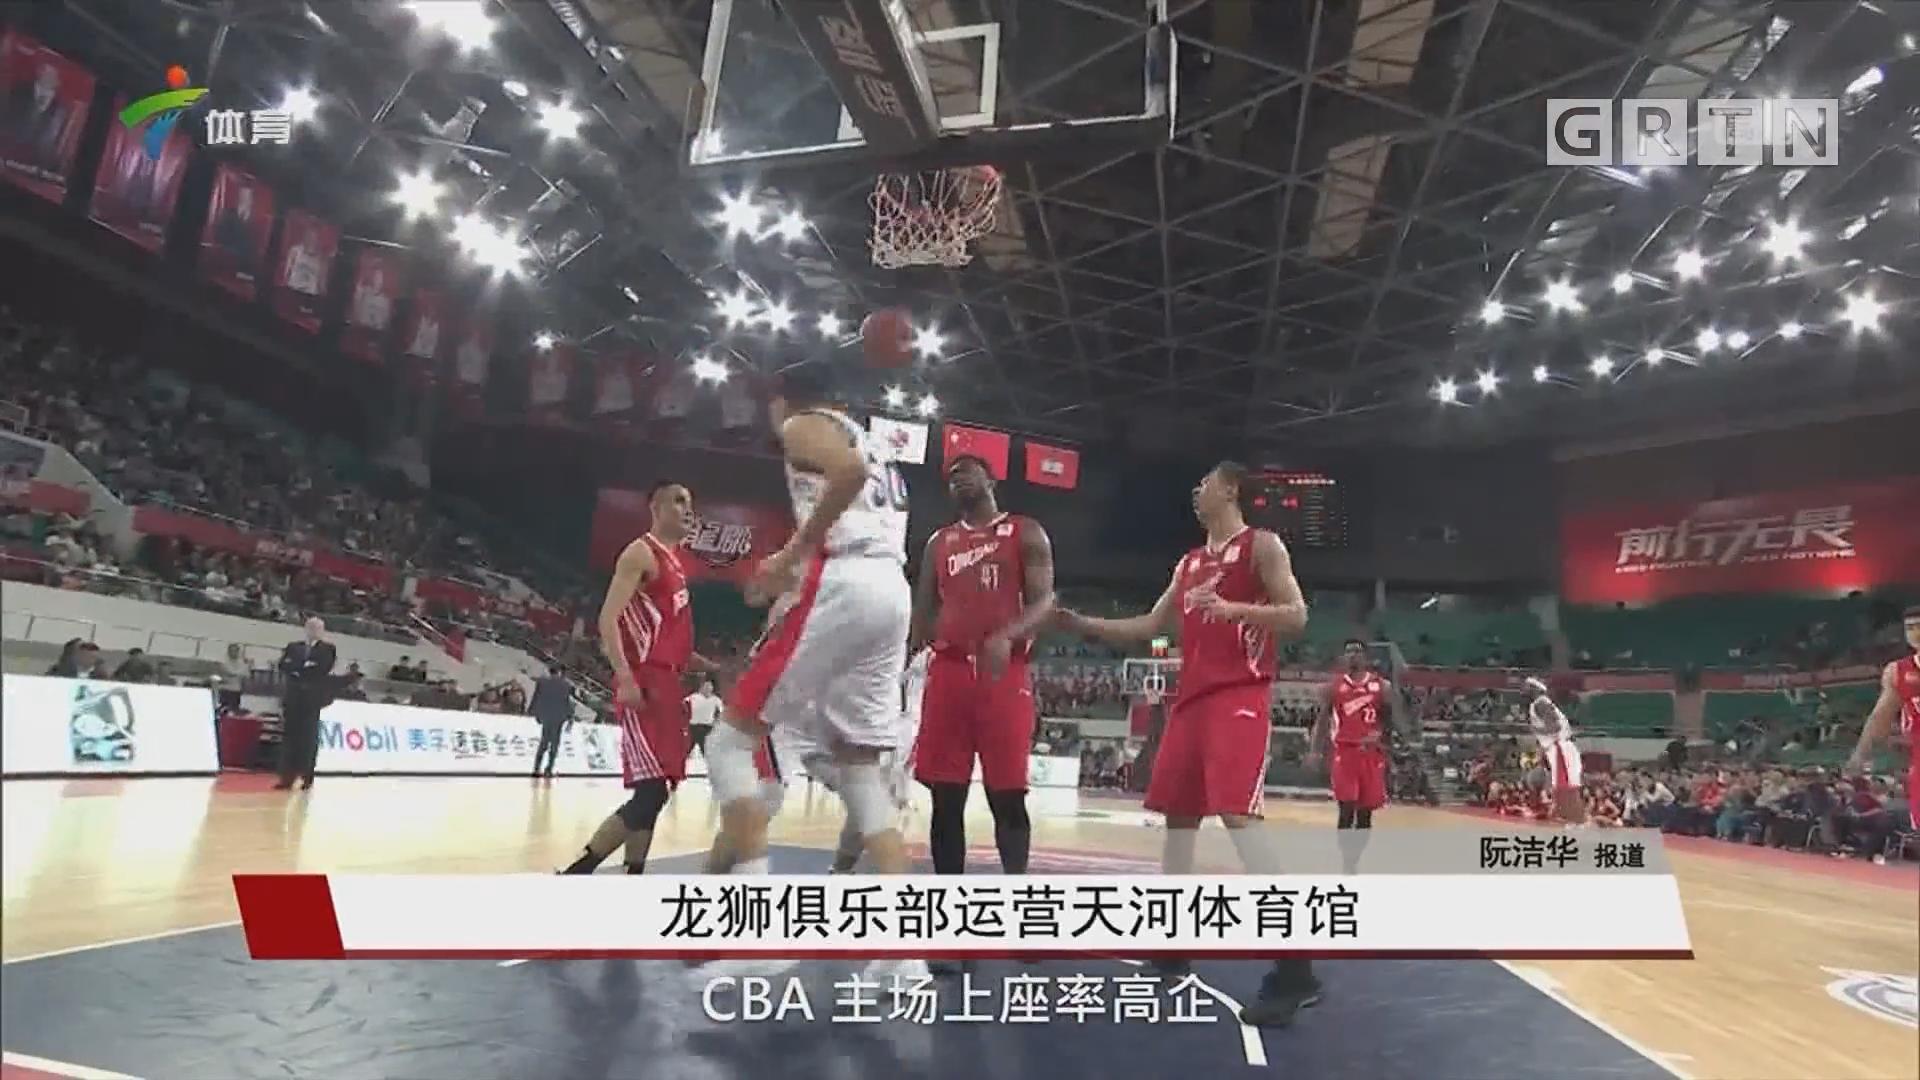 龙狮俱乐部运营天河体育馆